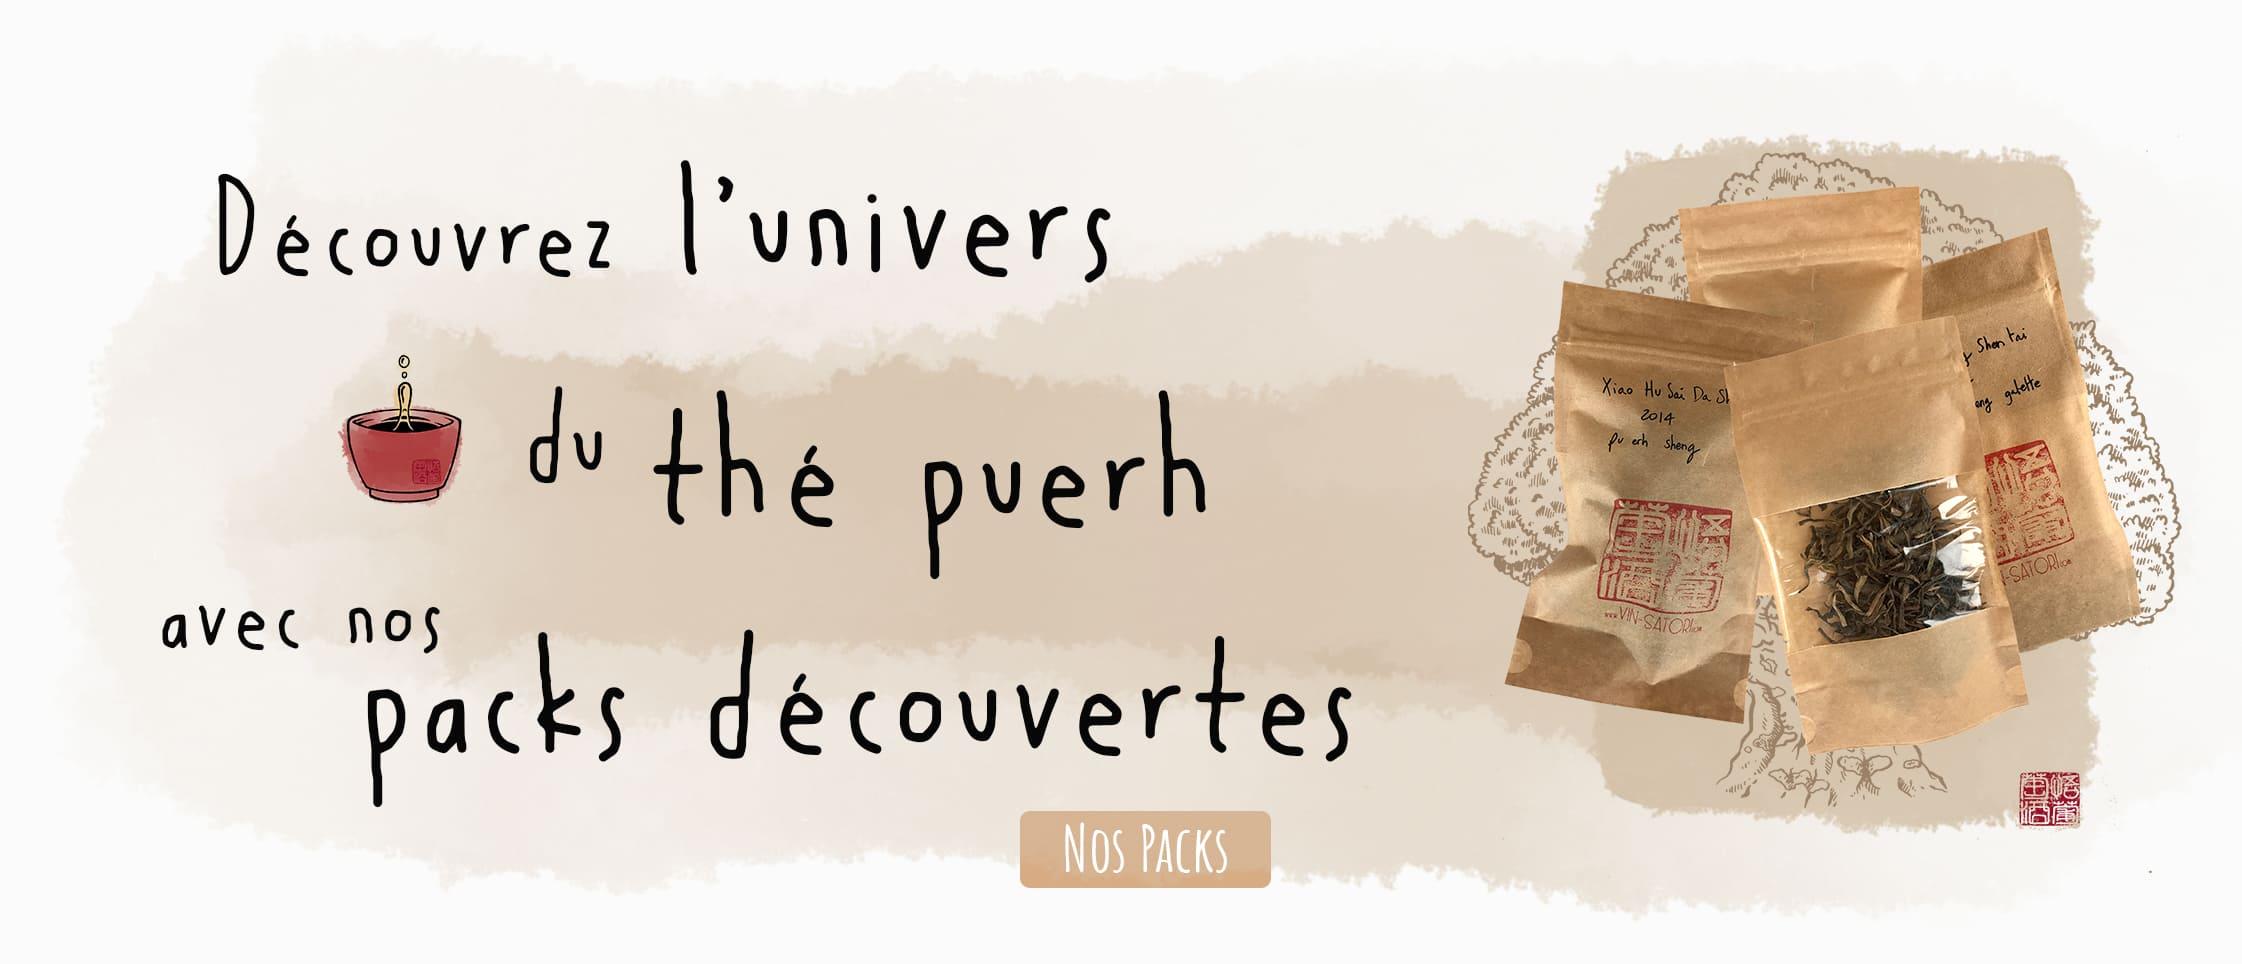 Pack découverte Thé pu erh